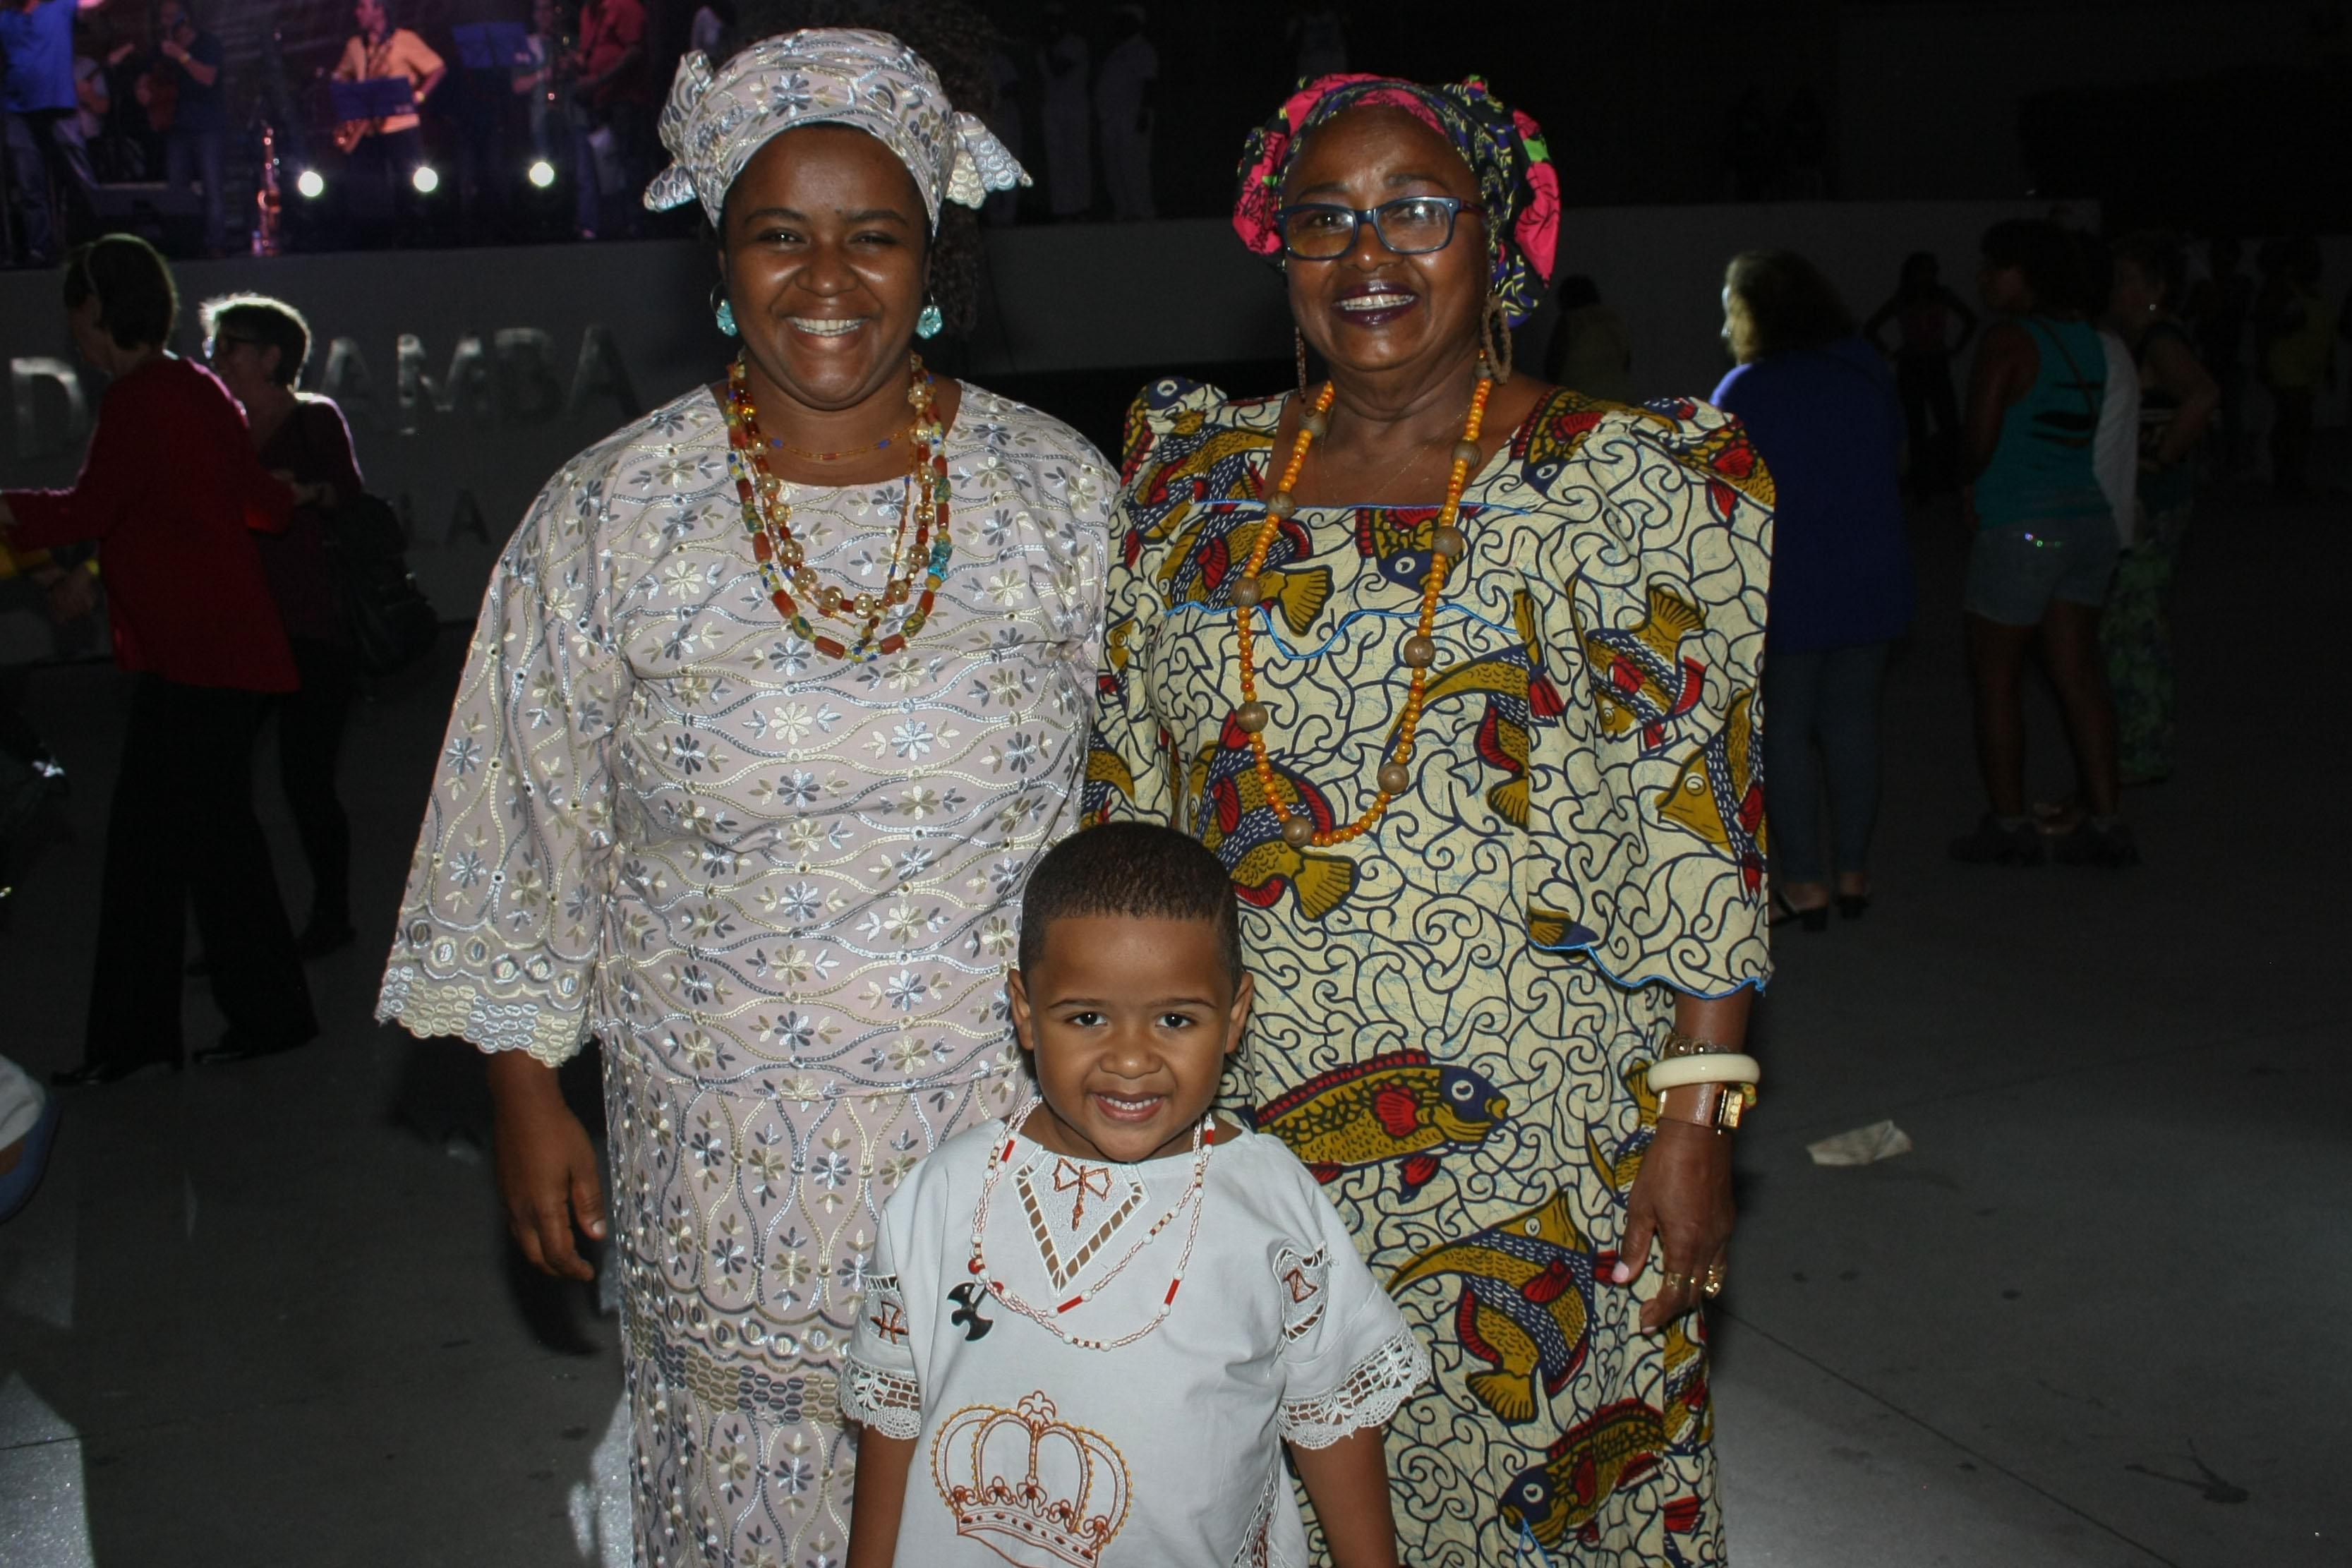 - 3 gerações cultuando os orixás. O pequeno Luis Cláudio, de 4 anos, ao lado da mãe Margarida dos Anjos e da avó Maria de Xangô.